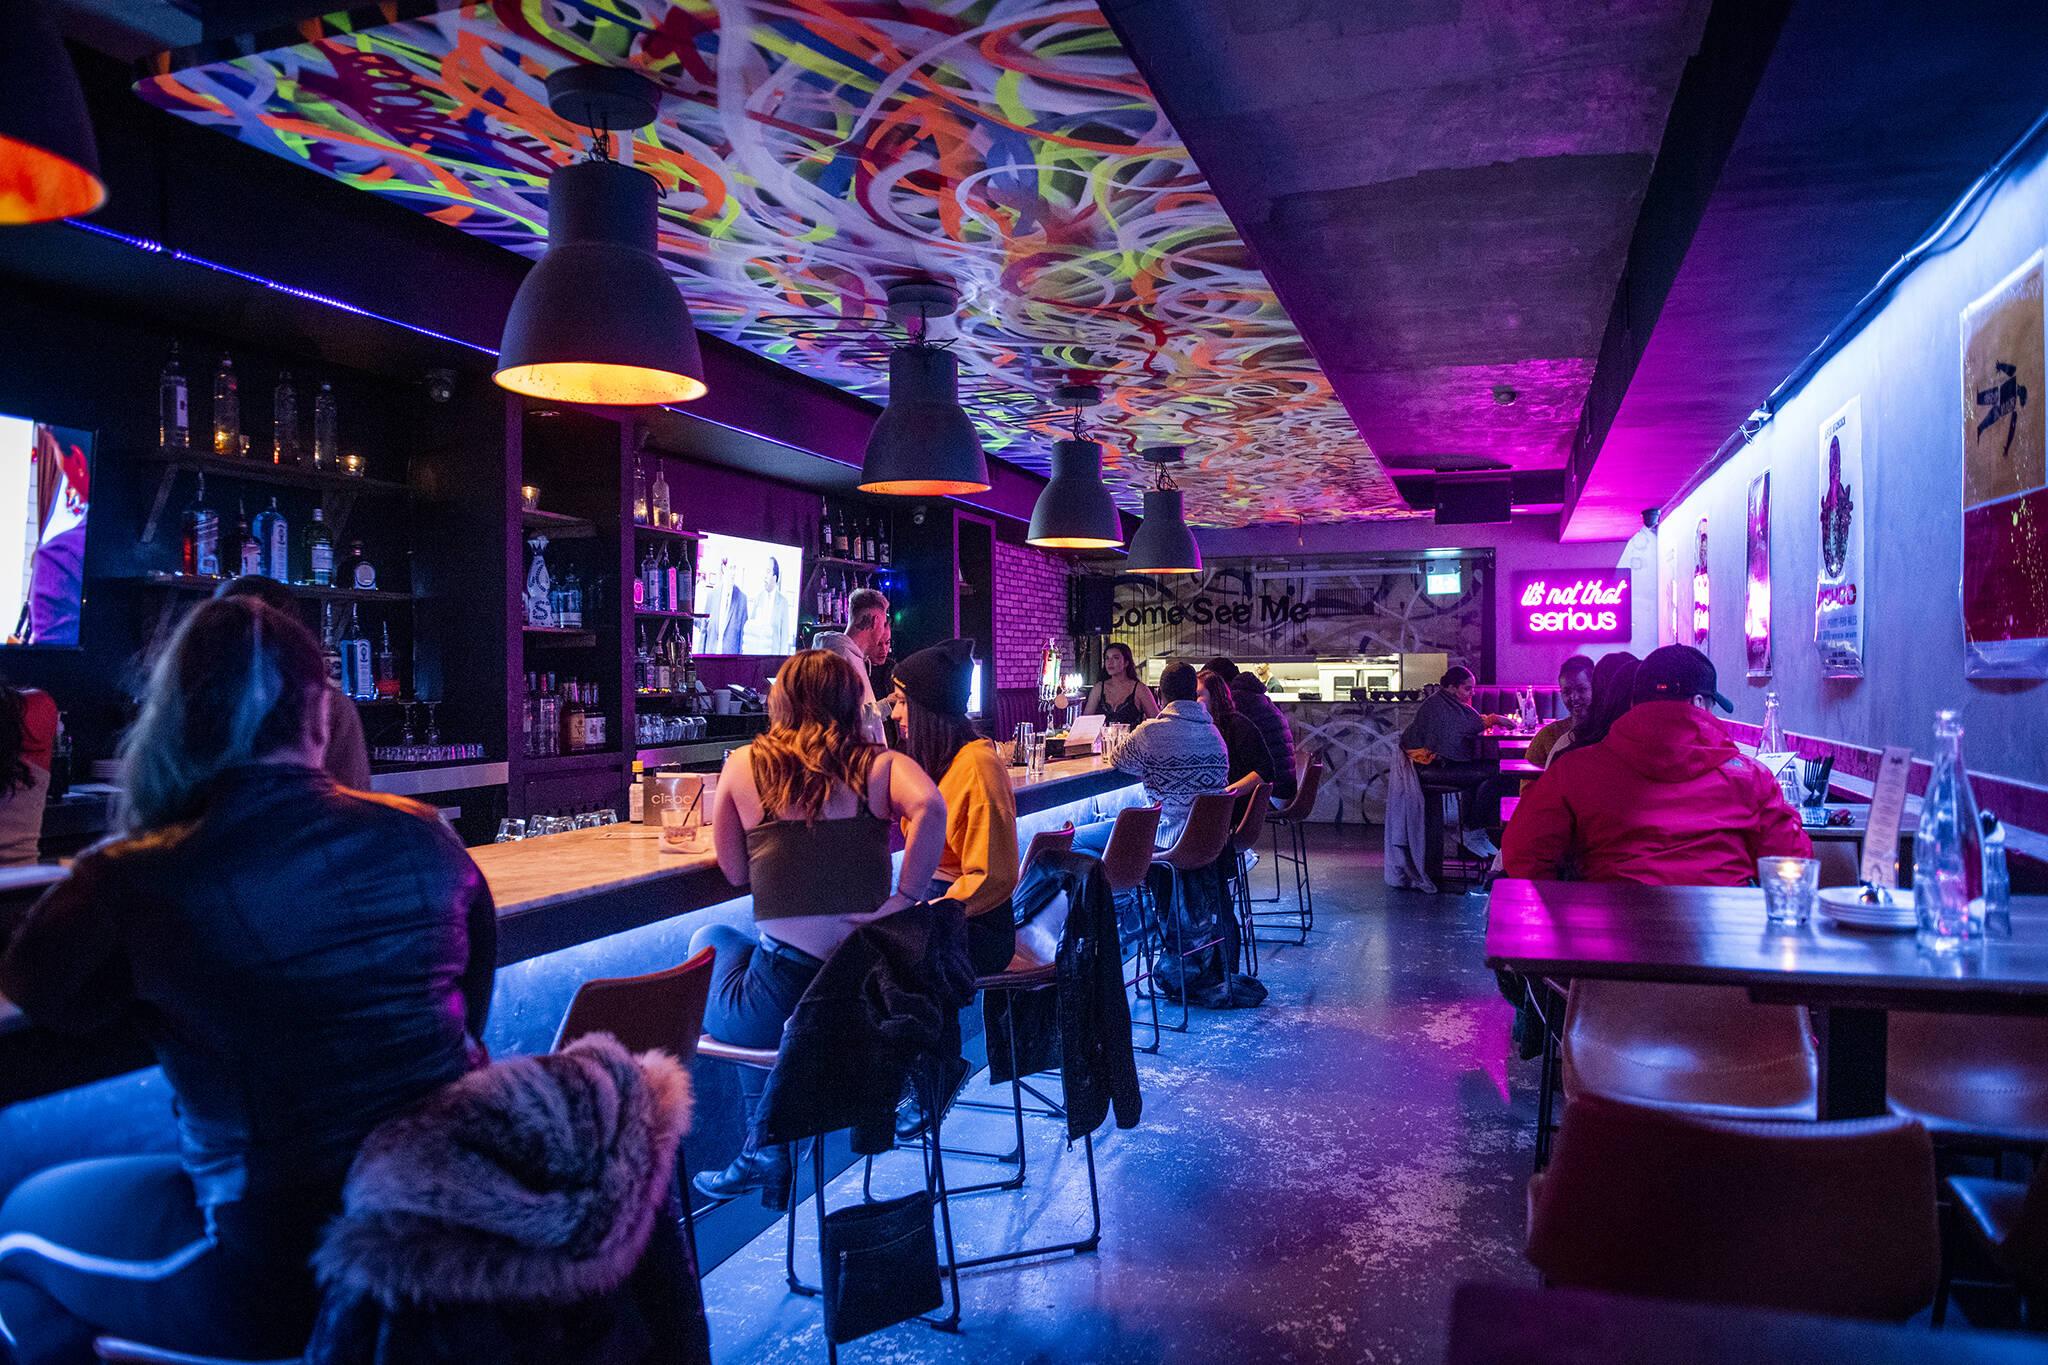 Come See Me Blogto Toronto